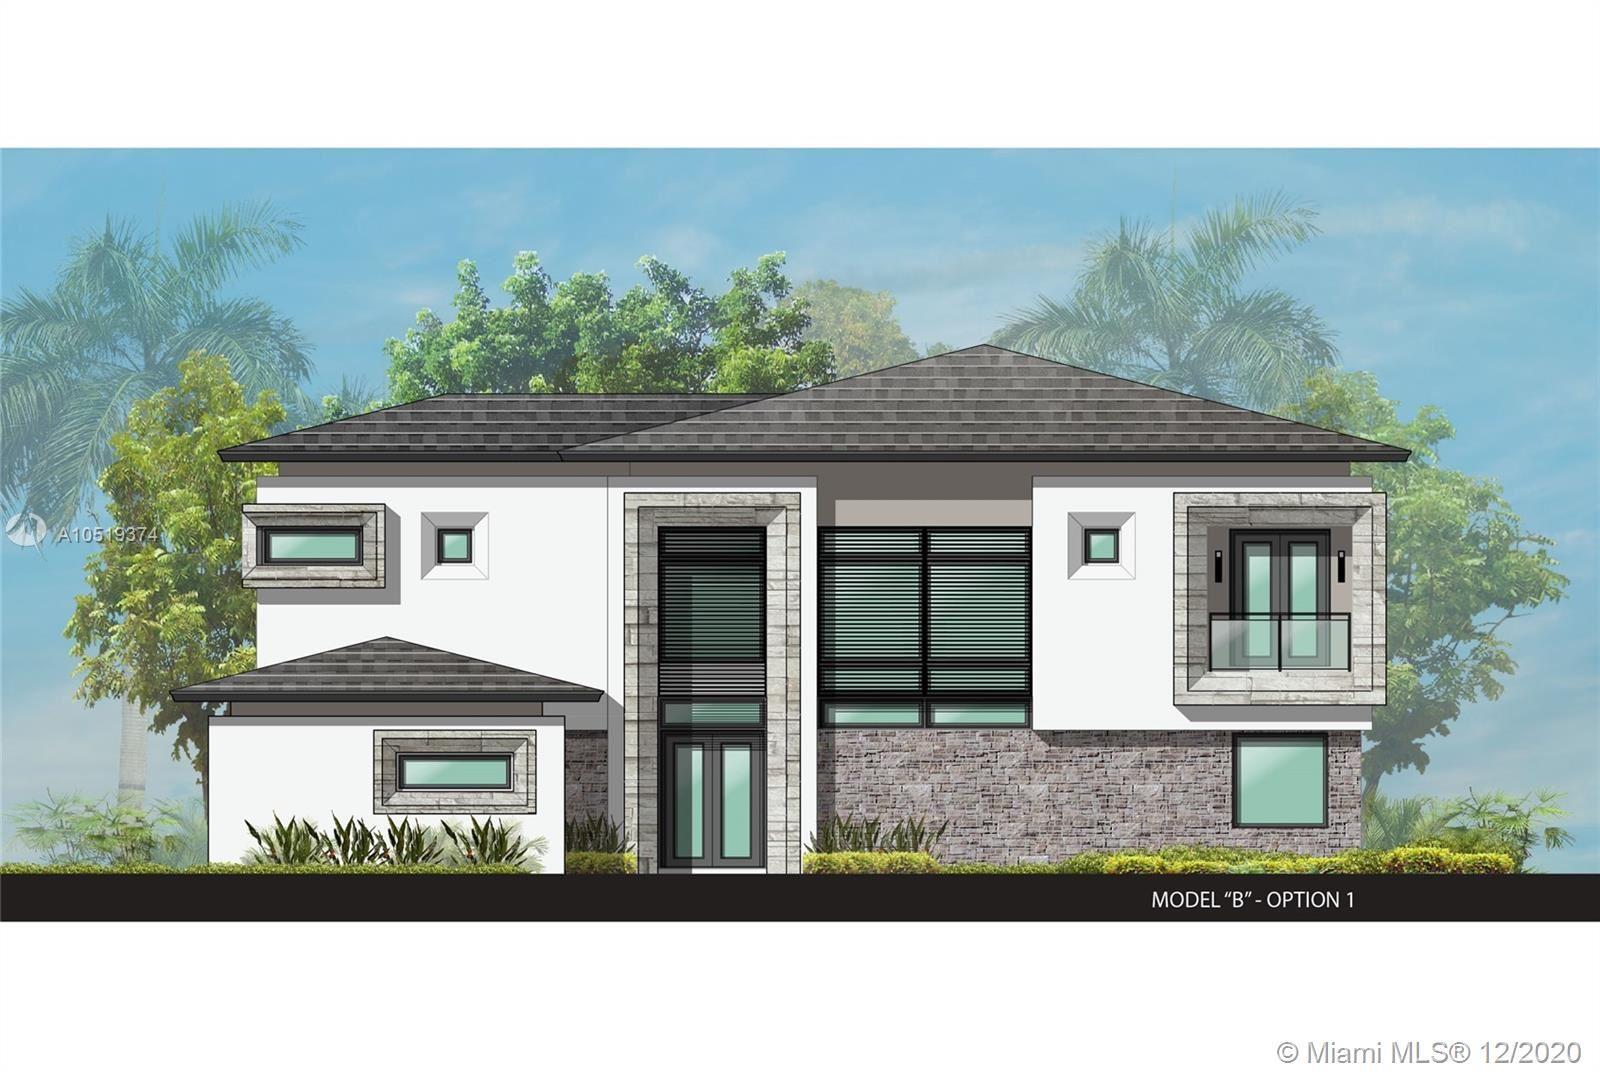 10355 SW 131 ter, Miami, FL 33176 - #: A10519374